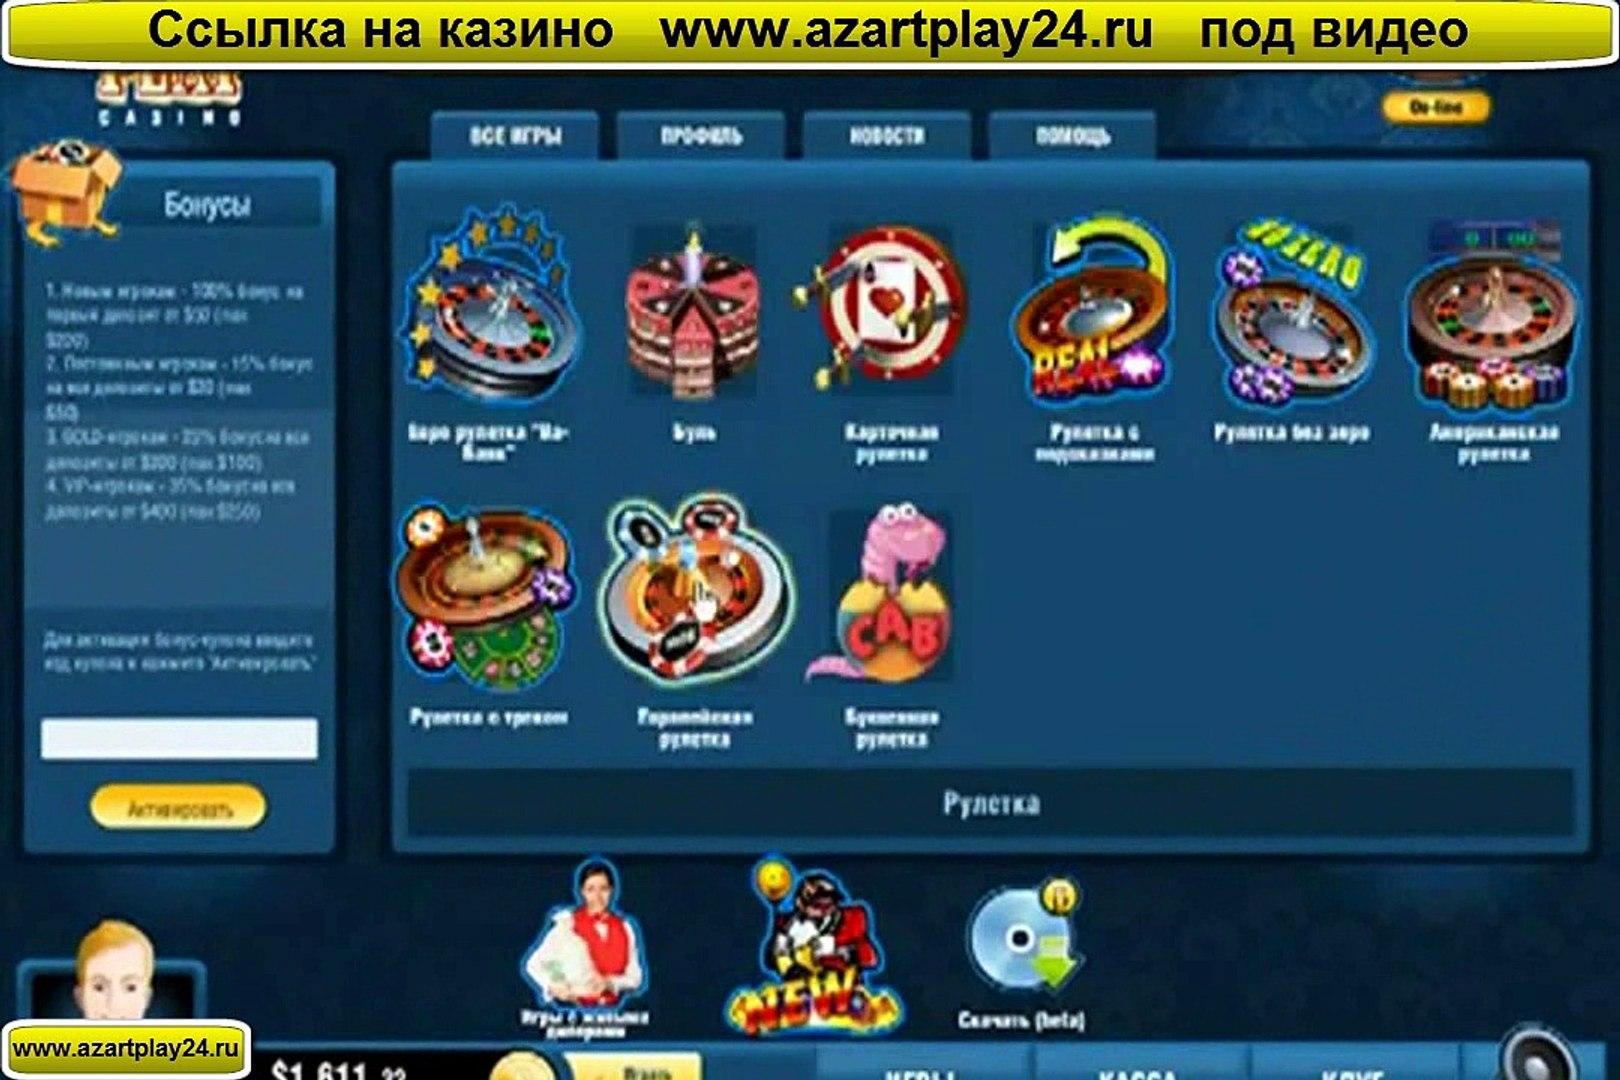 Как обыграть казино azartplay